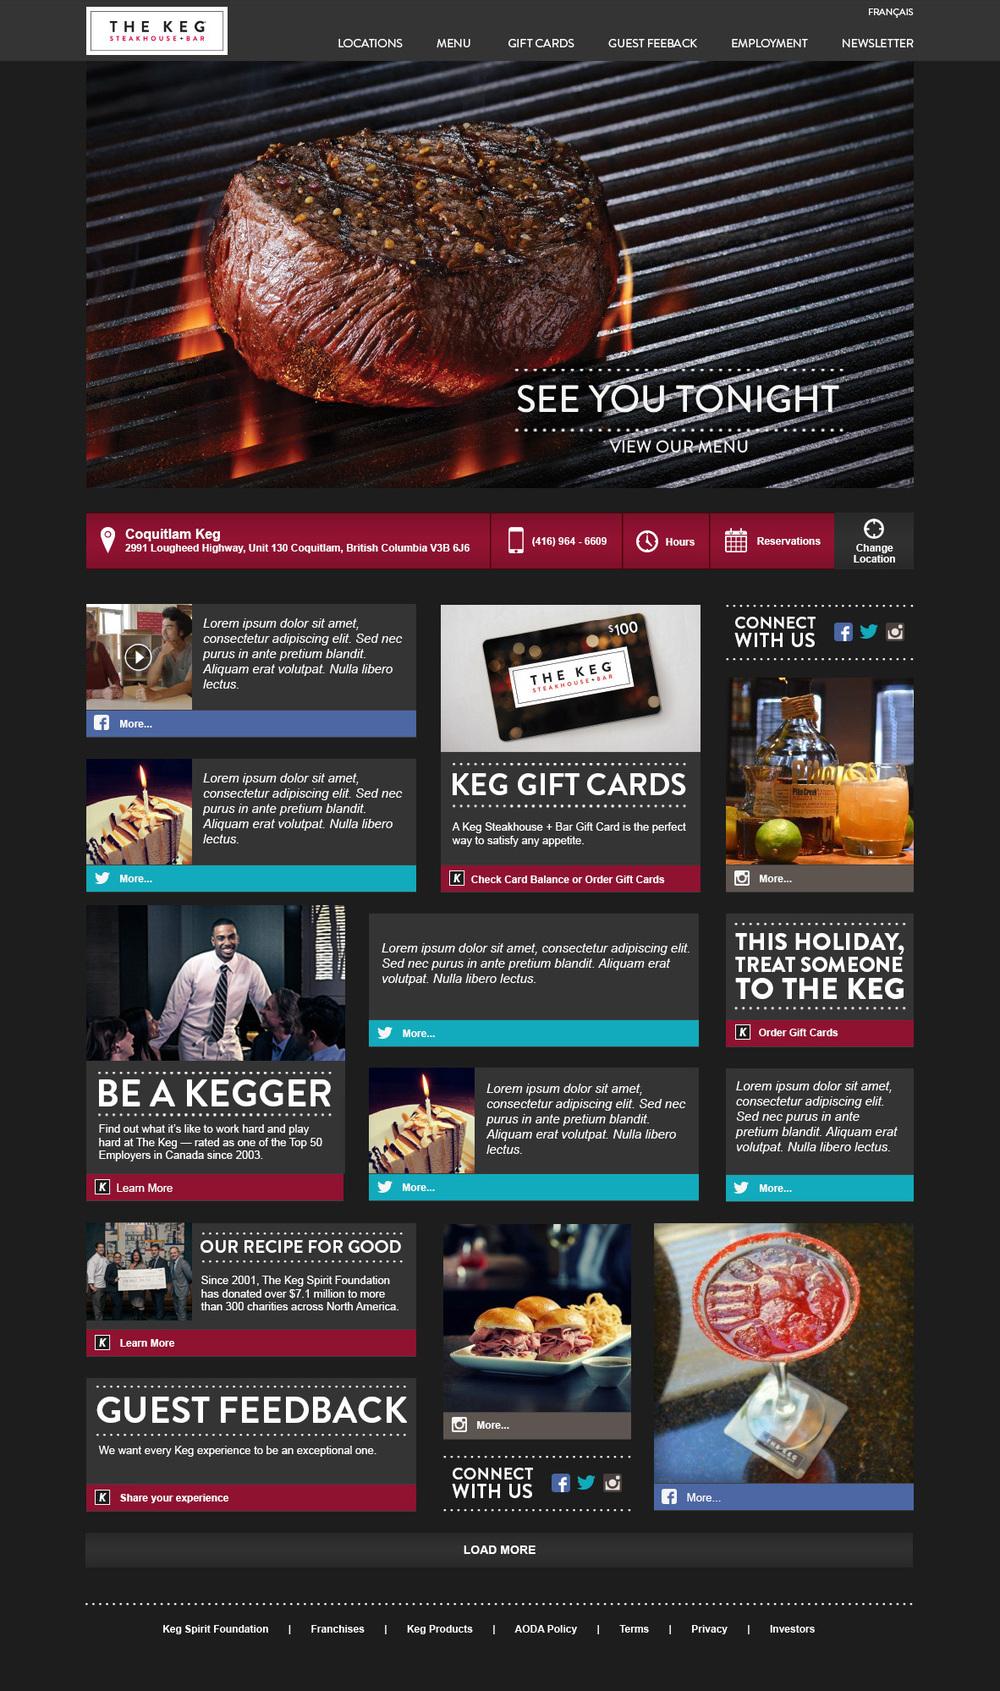 TheKeg_Desktop_Homepage.jpg